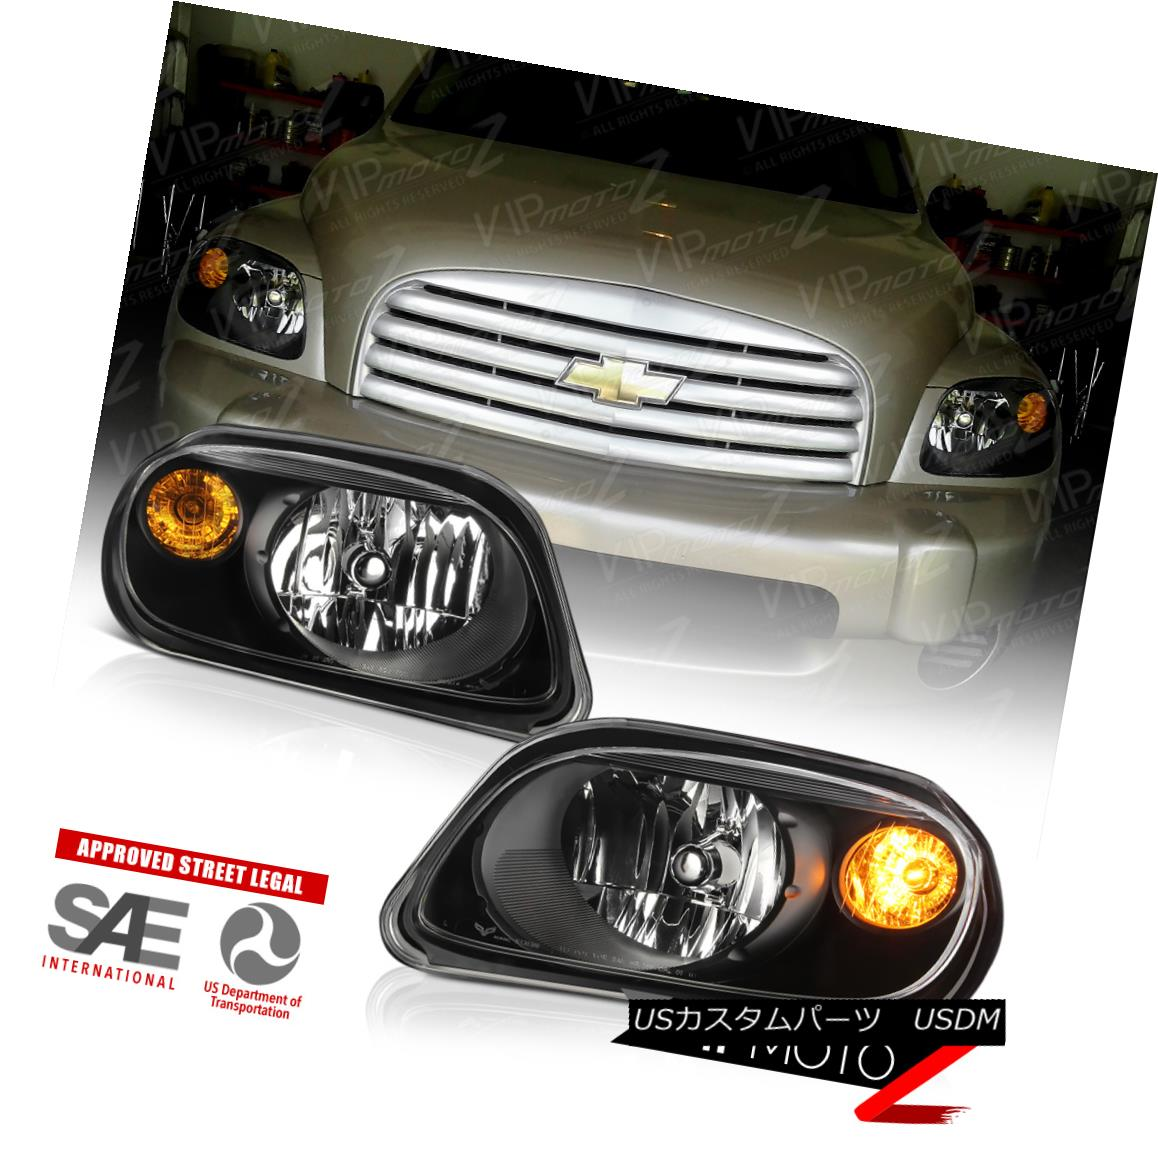 ヘッドライト 2006-2011 Chevy HHR LS LT 2LT SS Black LEFT+RIGHT Headlights Assembly w/ Bulbs 2006-2011シボレーHHR LS LT 2LT SSブラックLEFT + RIGHTヘッドライトアセンブリ/電球